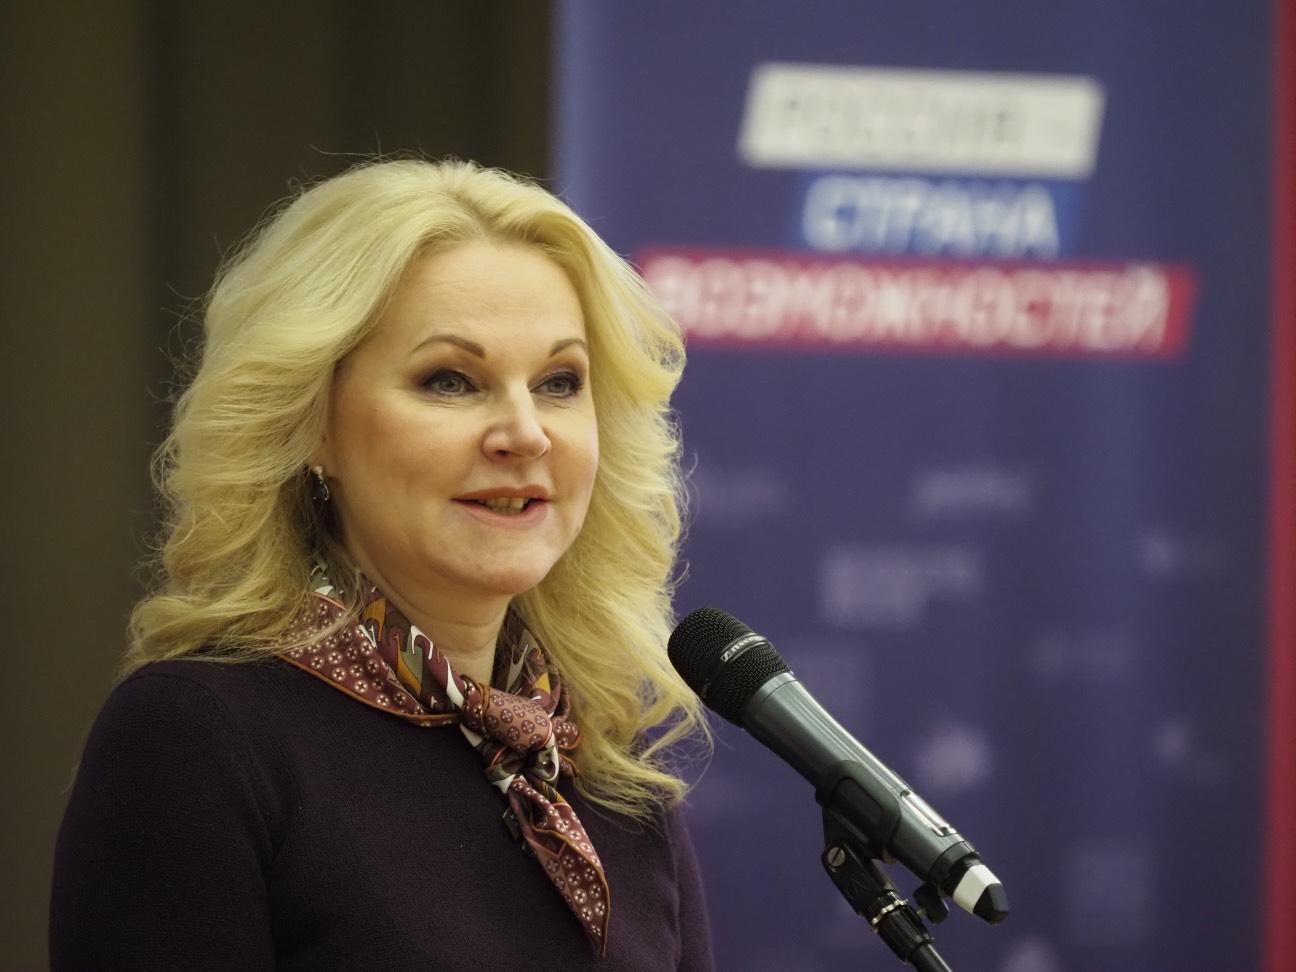 Депутаты МГД обратятся к Голиковой с просьбой выделить средства на «Спинразу» из федерального бюджета